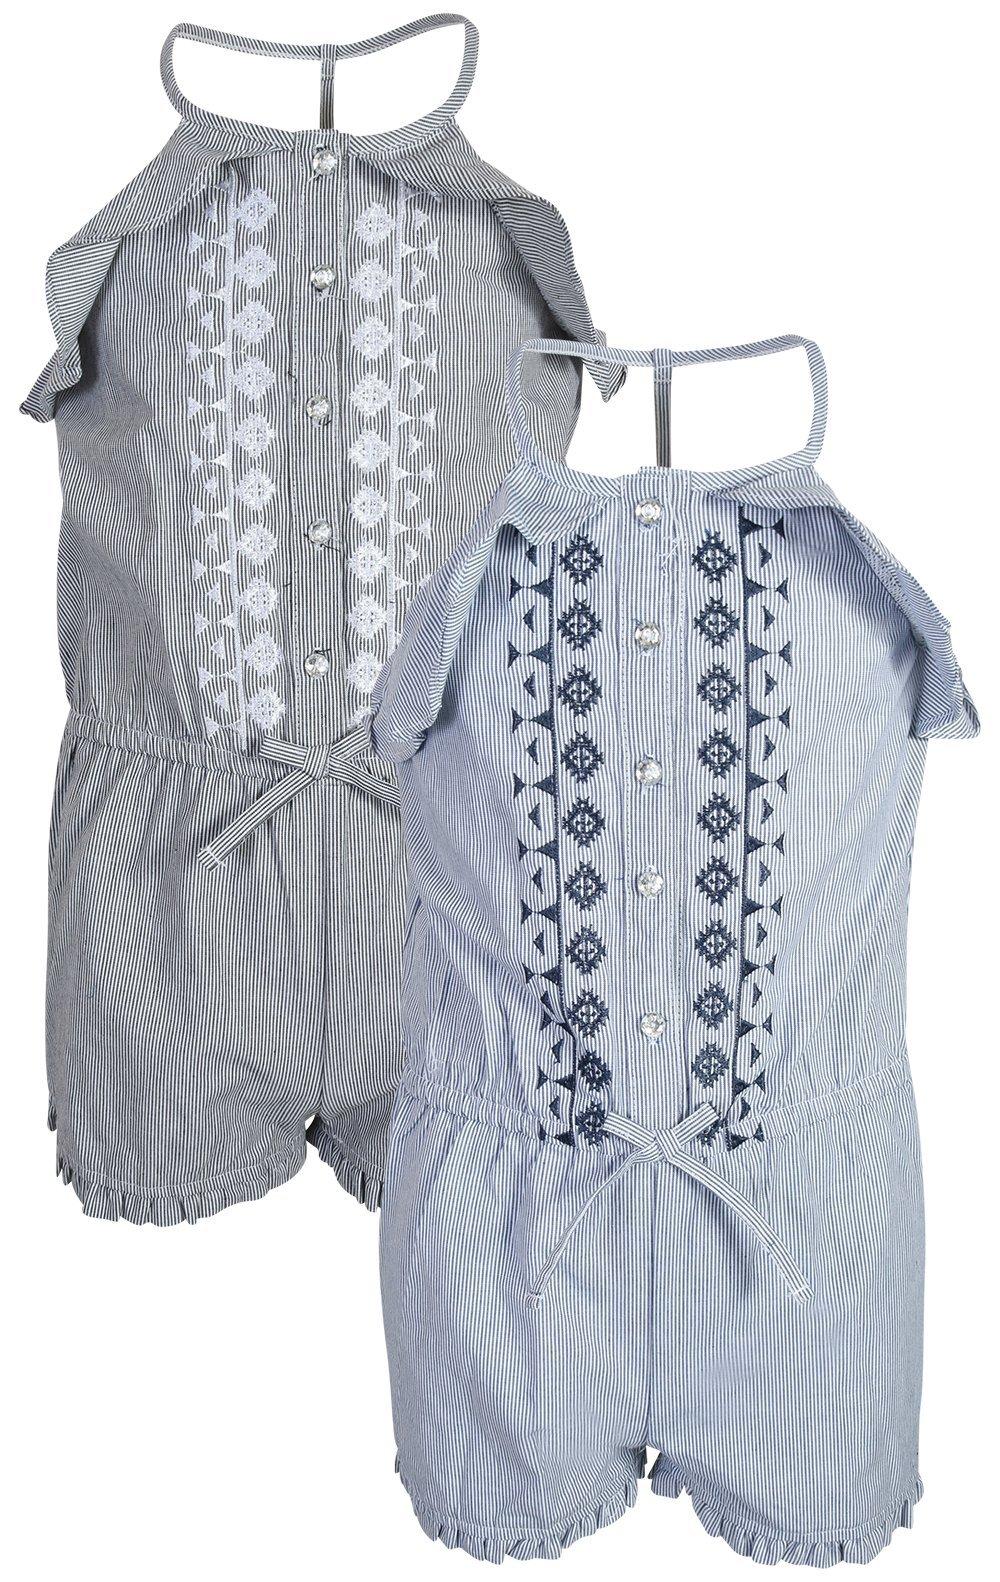 dollhouse Girl's Spring/Summer Denim Romper (2 Pack), Ruffle, Size 7/8'